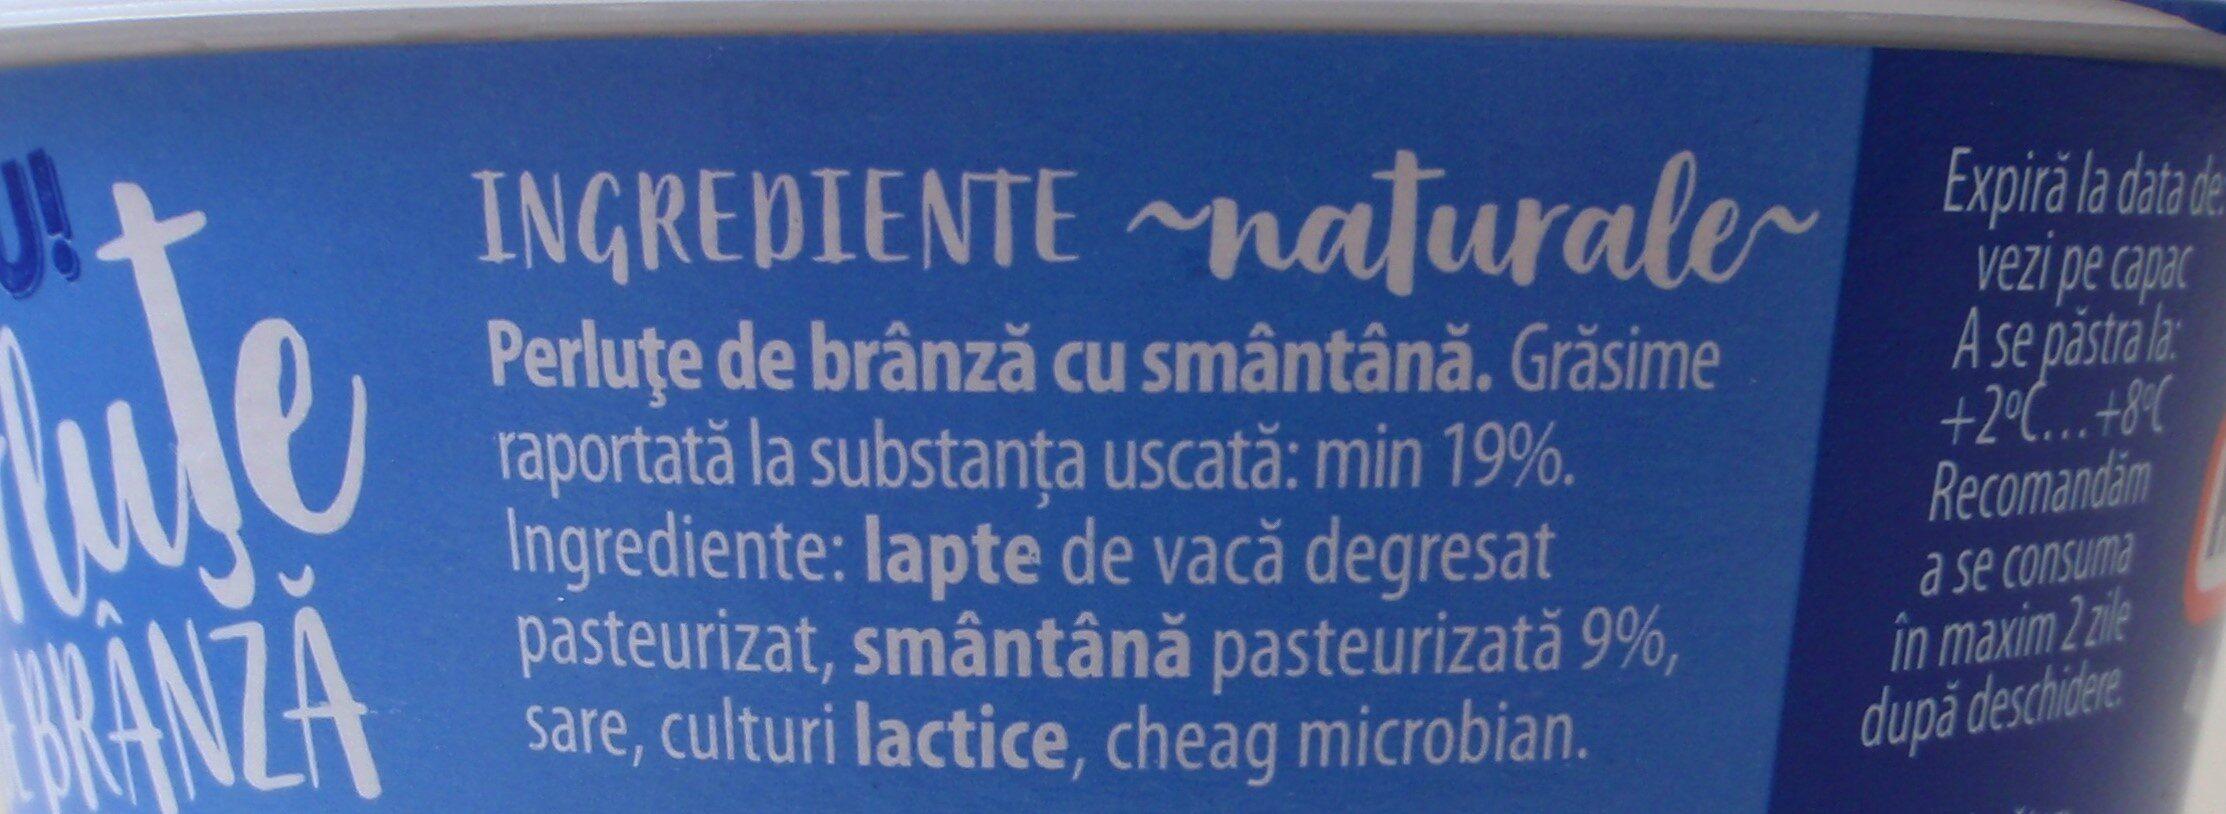 Hochland Perluțe de brânză cu smântână, 4% grăsime - Ingrédients - ro